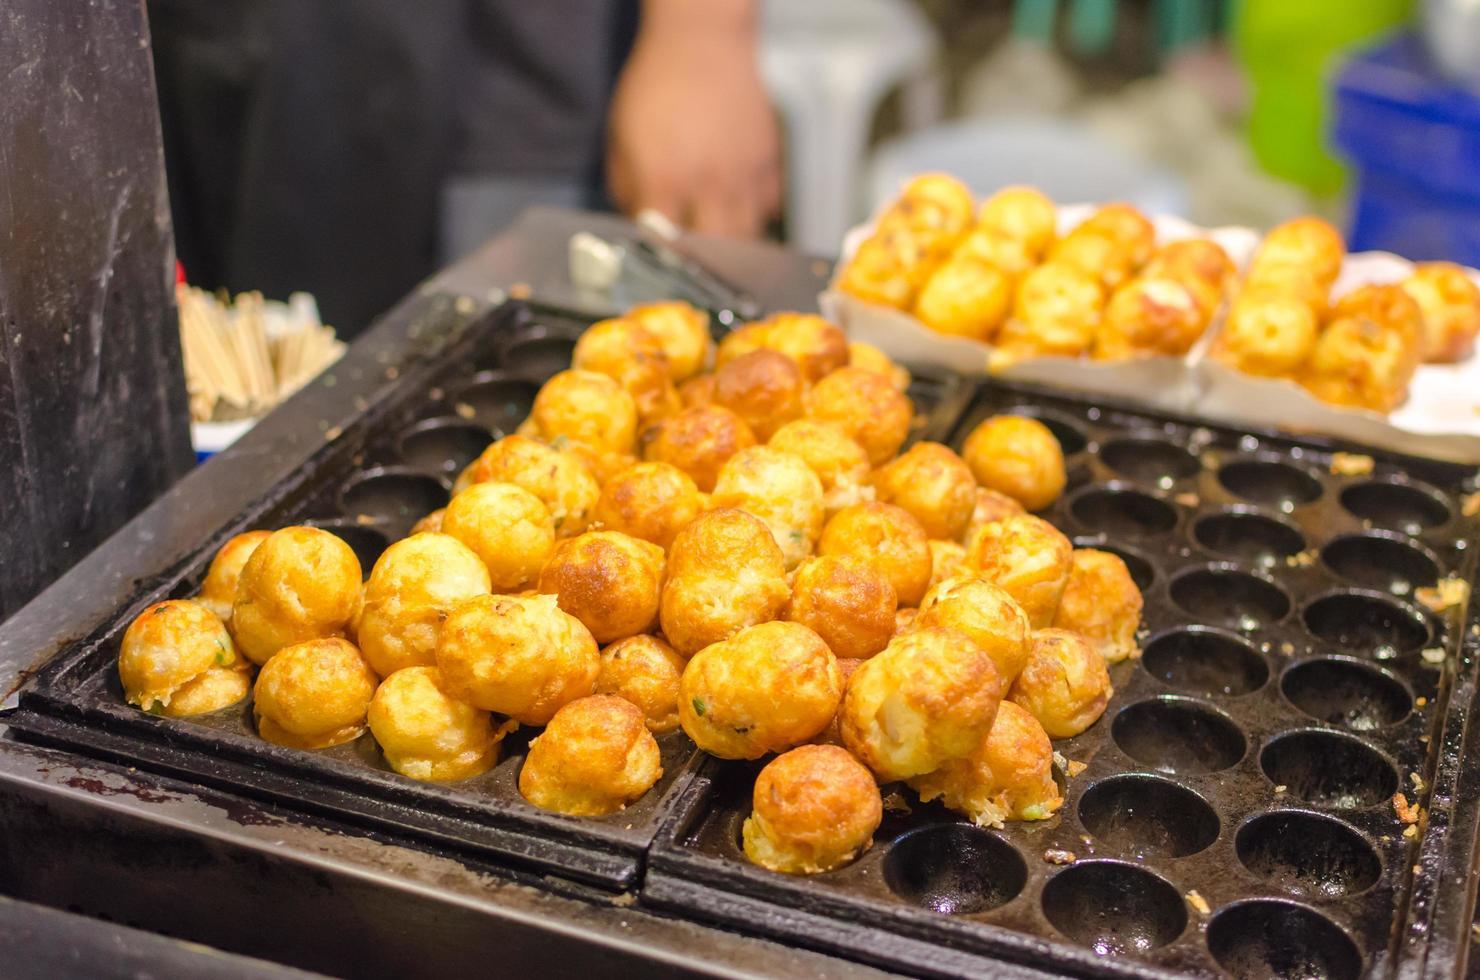 nourriture de rue takoyaki photo